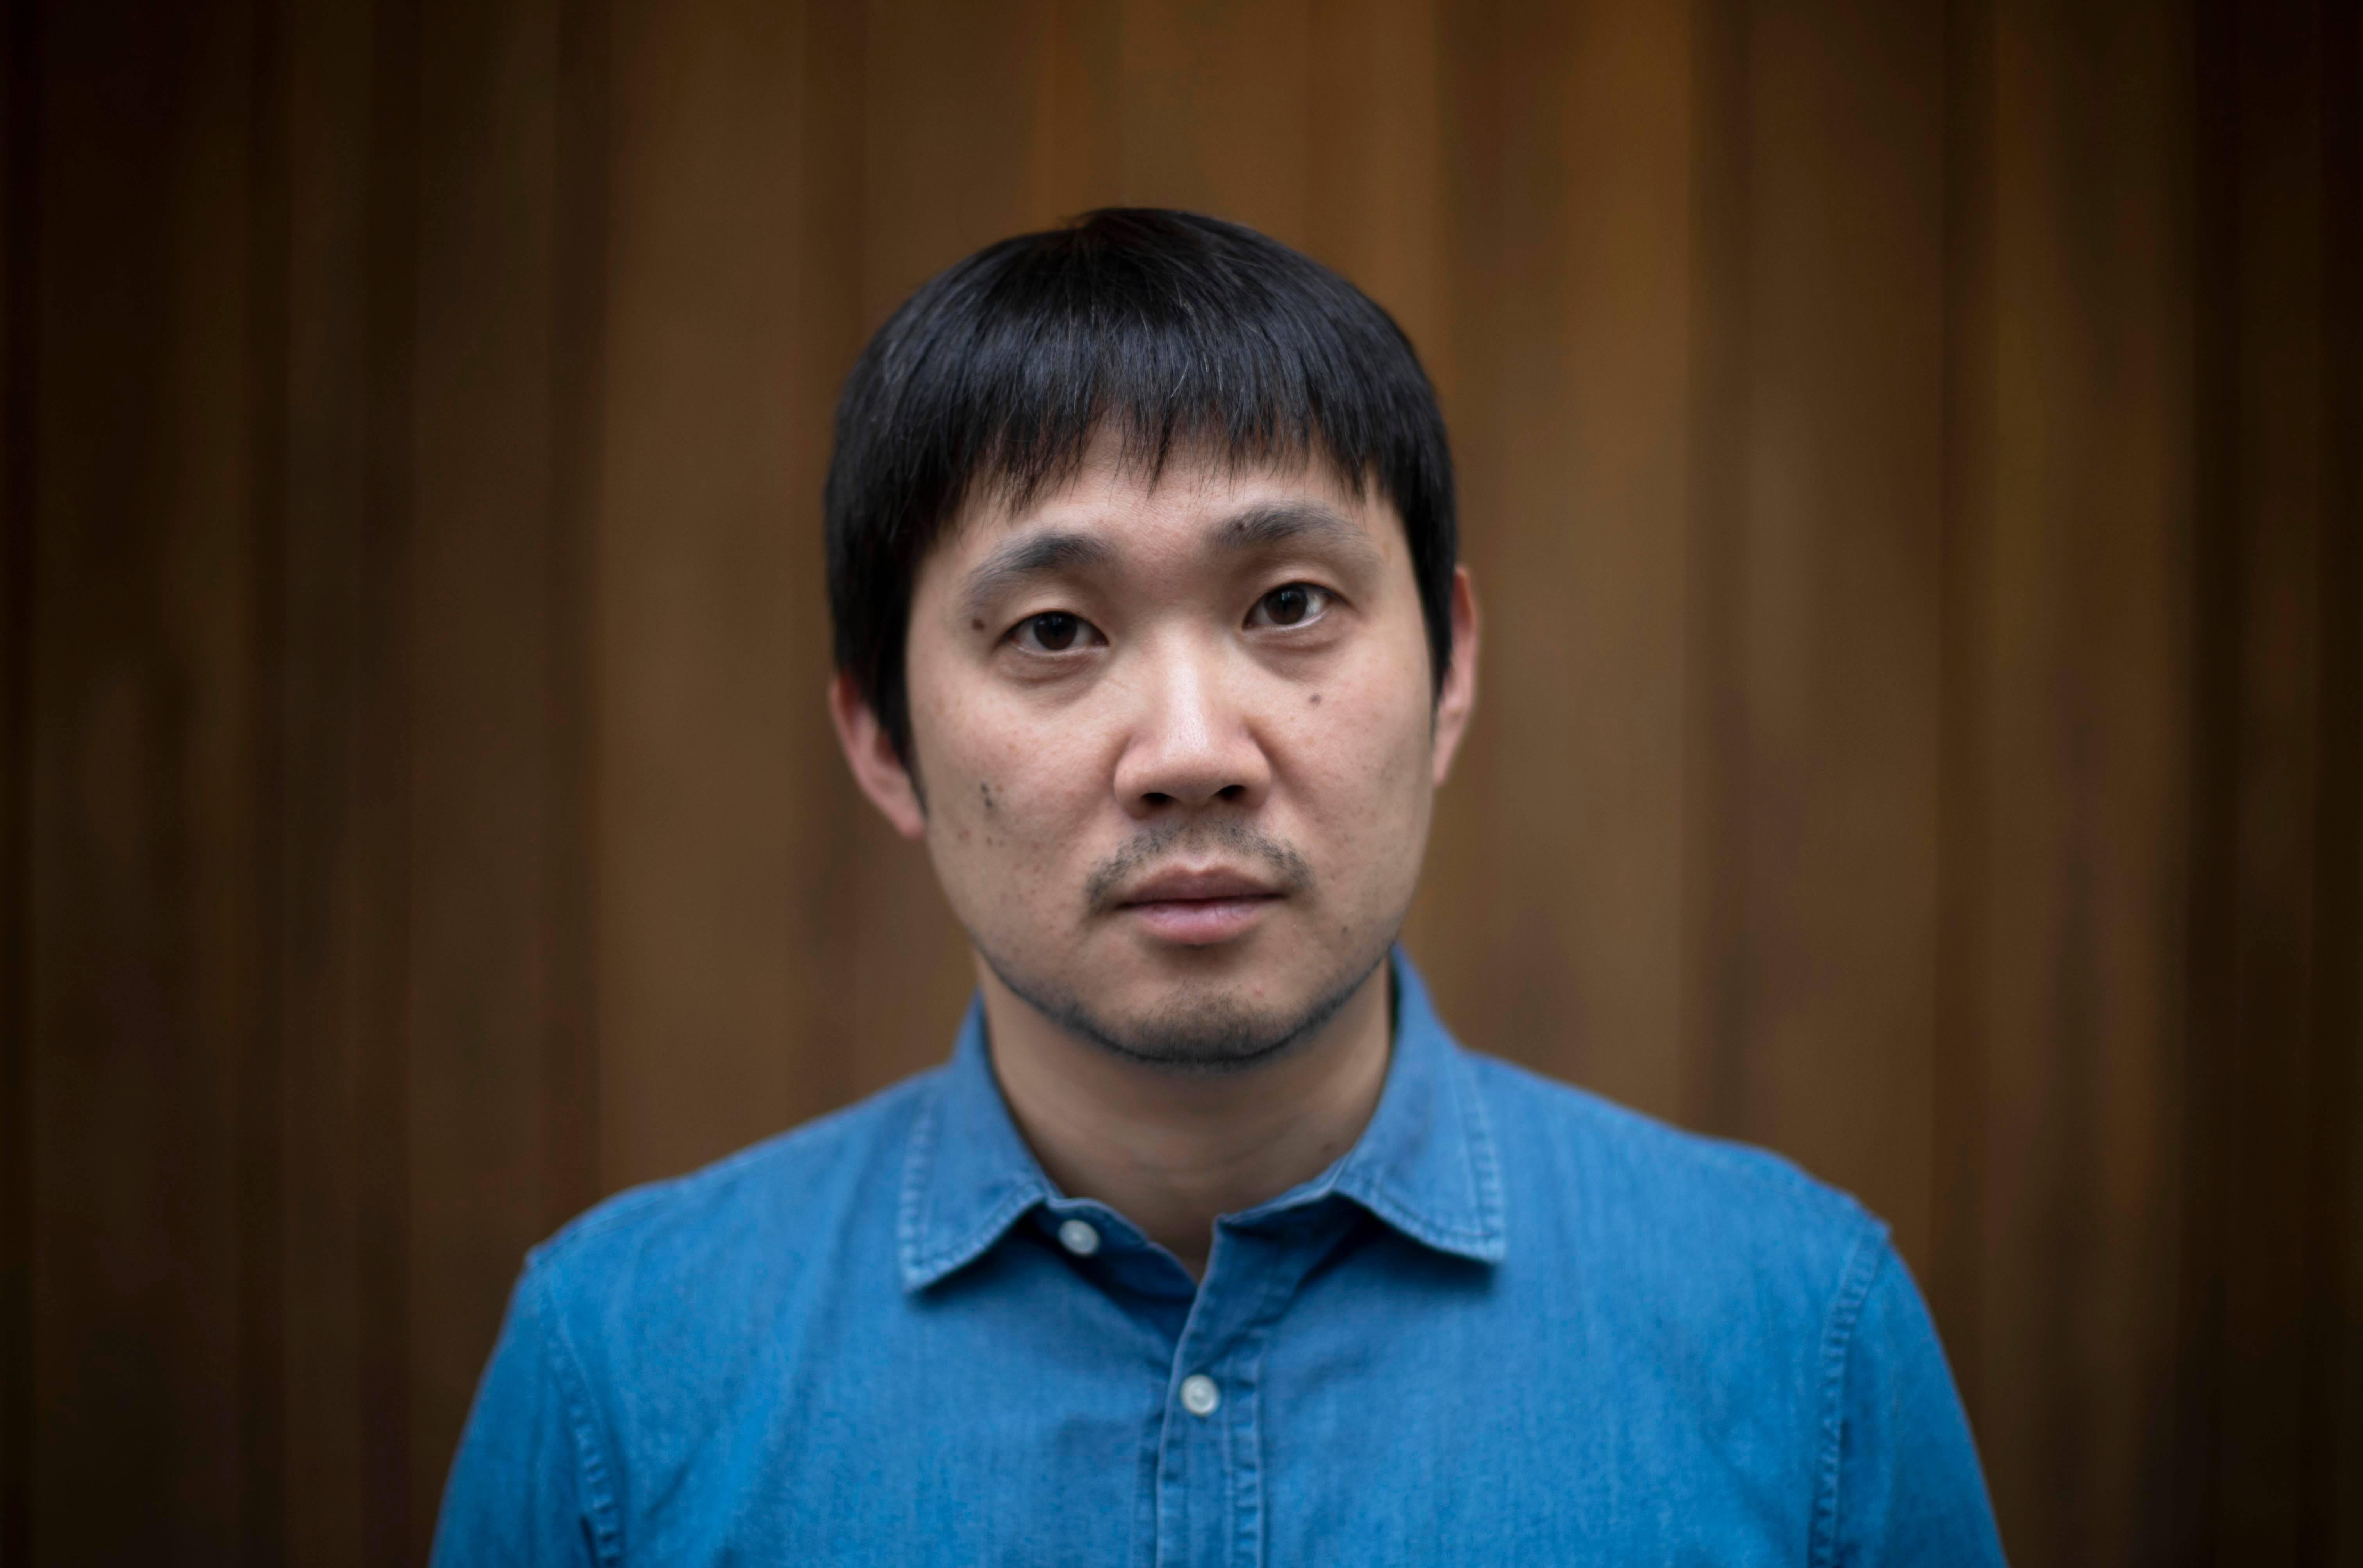 濱口龍介希望下一部作品用自己的原著故事。